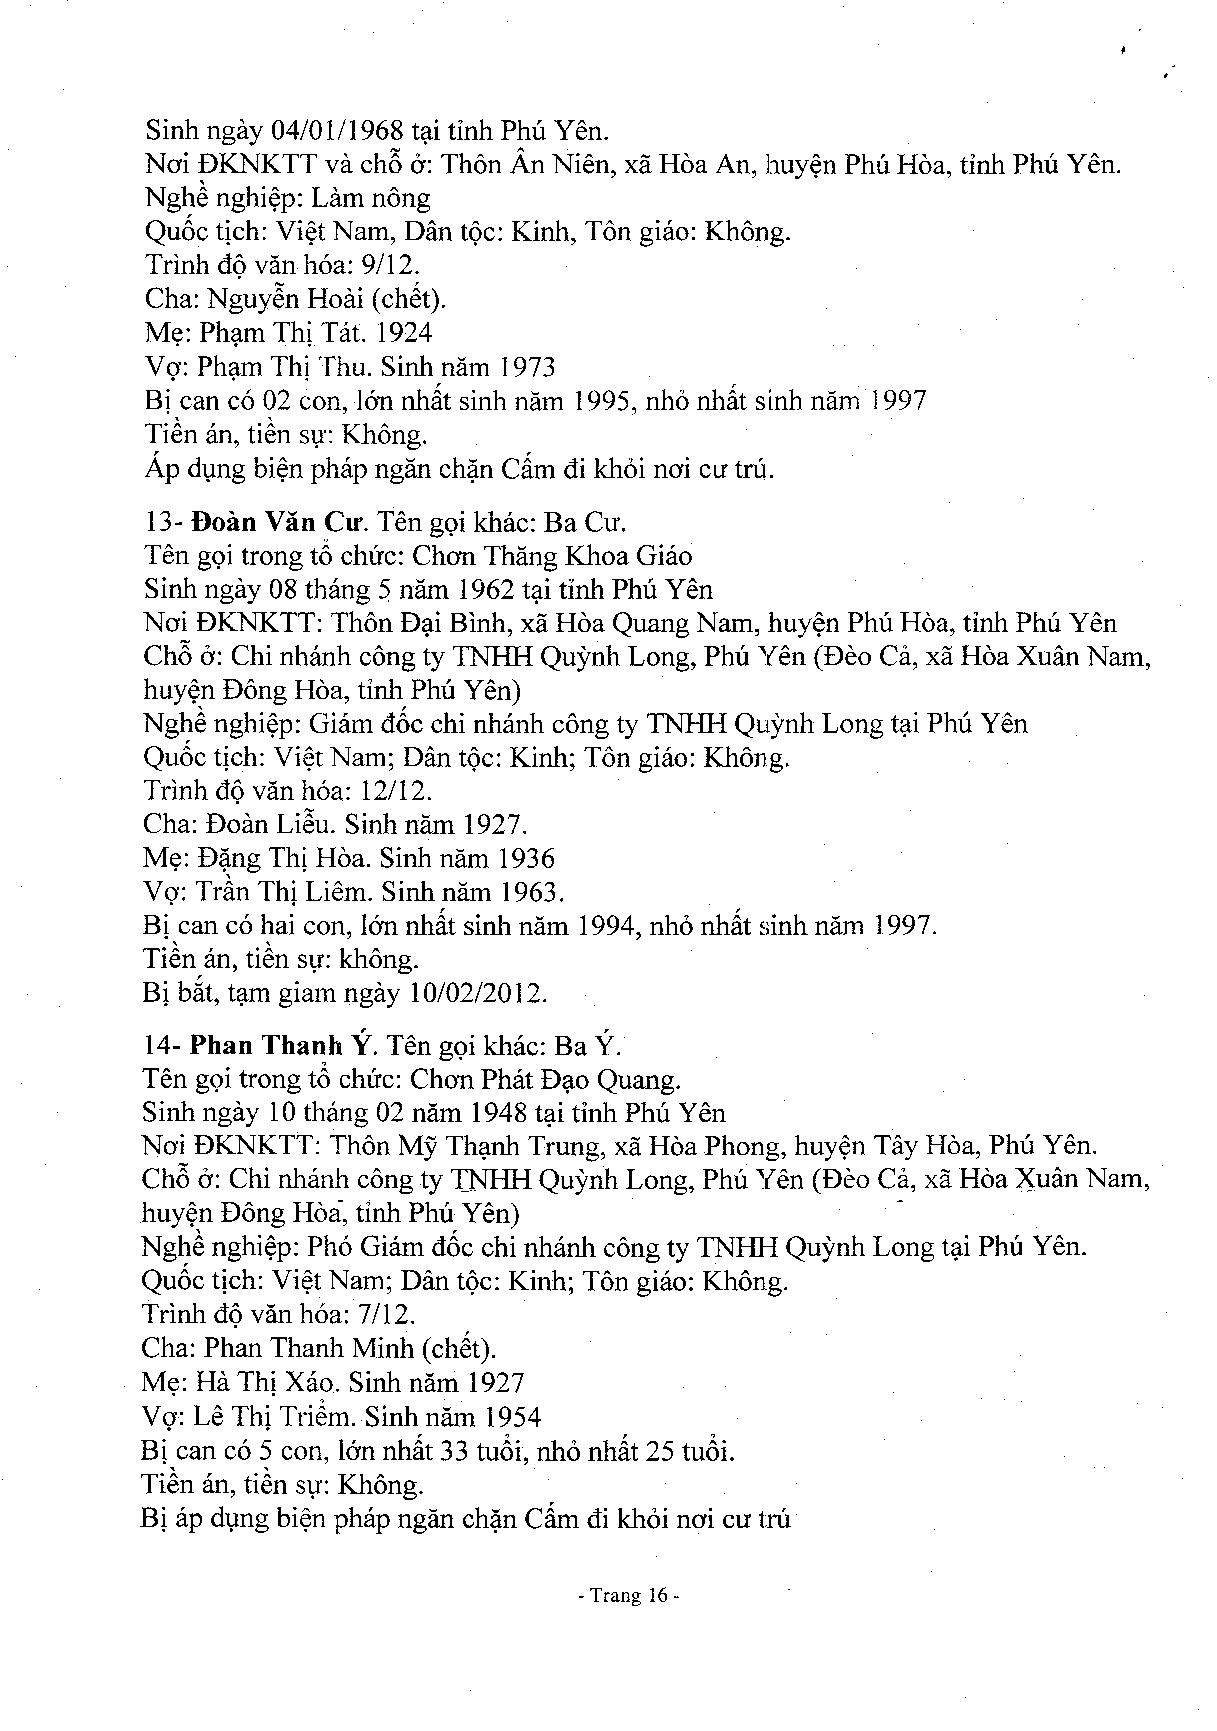 cao trang-page-016